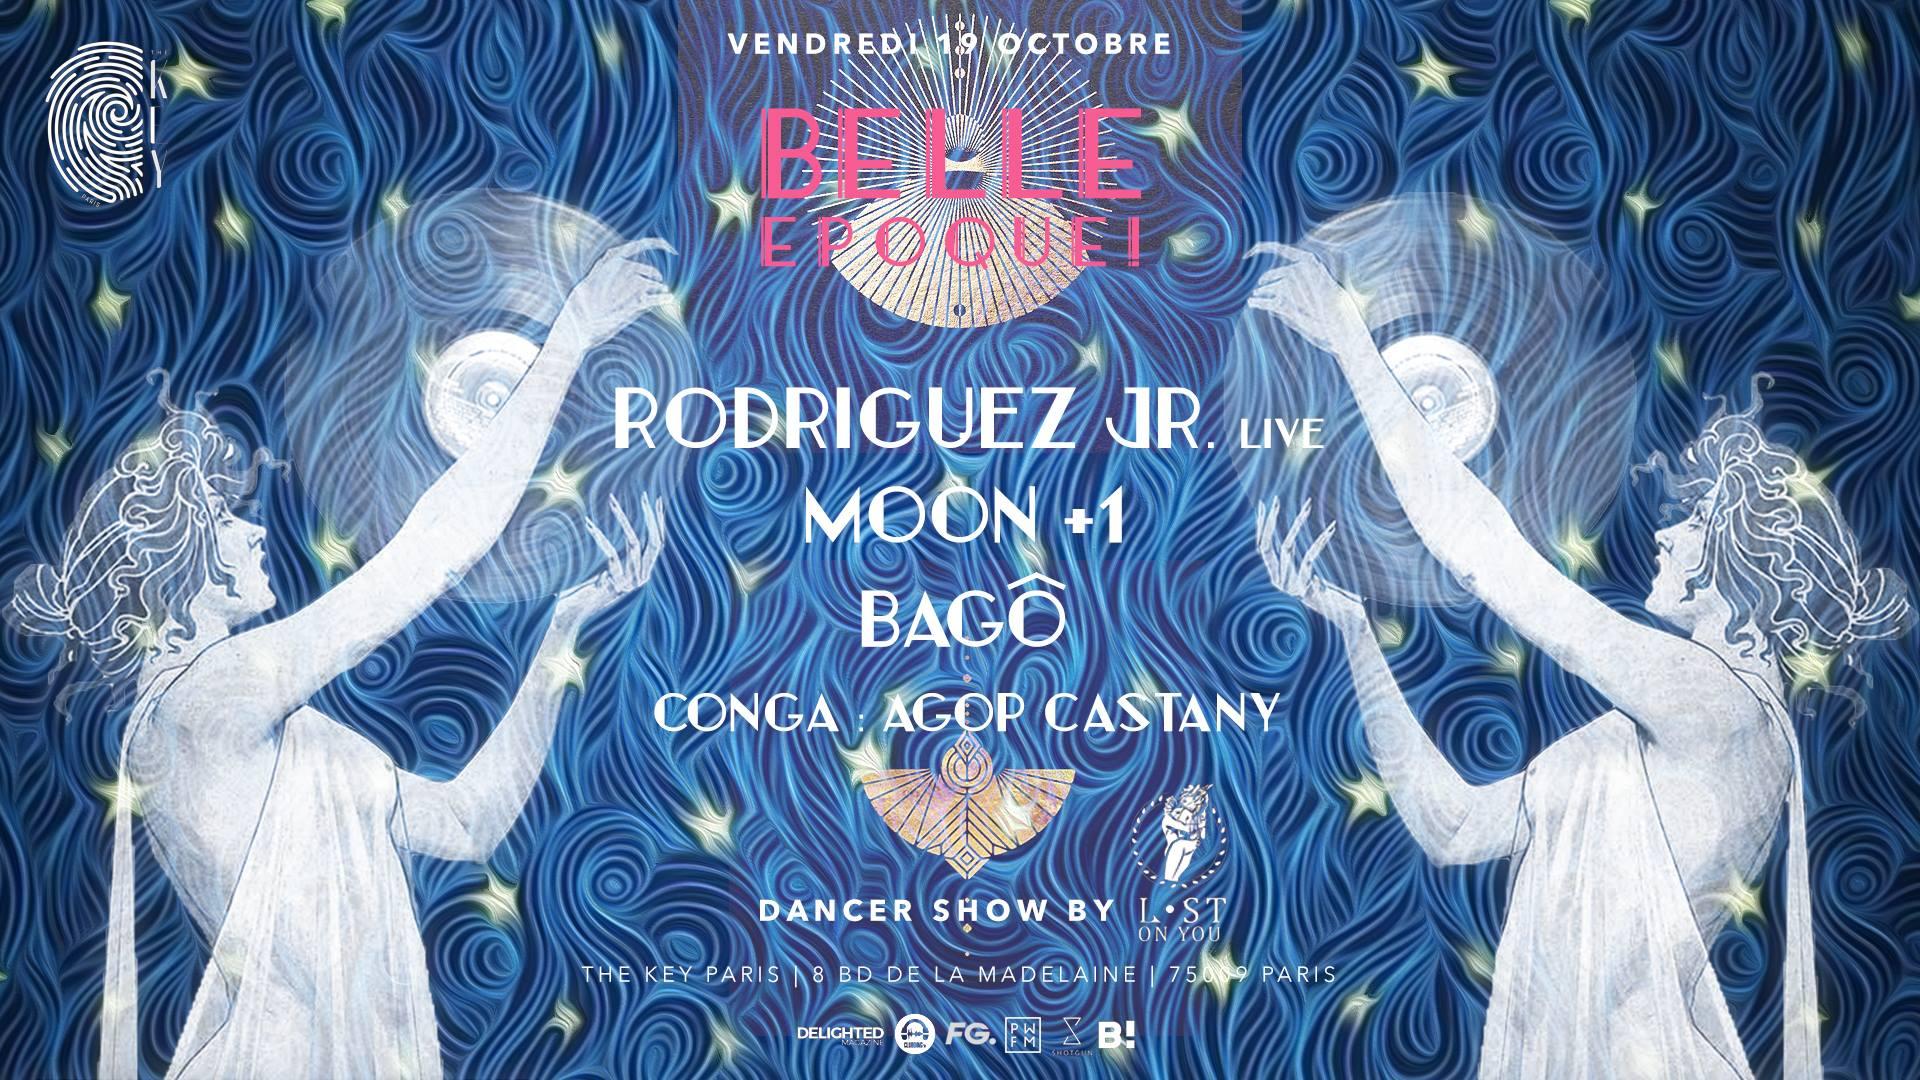 The Key x Belle Epoque! : Rodriguez Jr. (Live) , Bagô, Moon +1